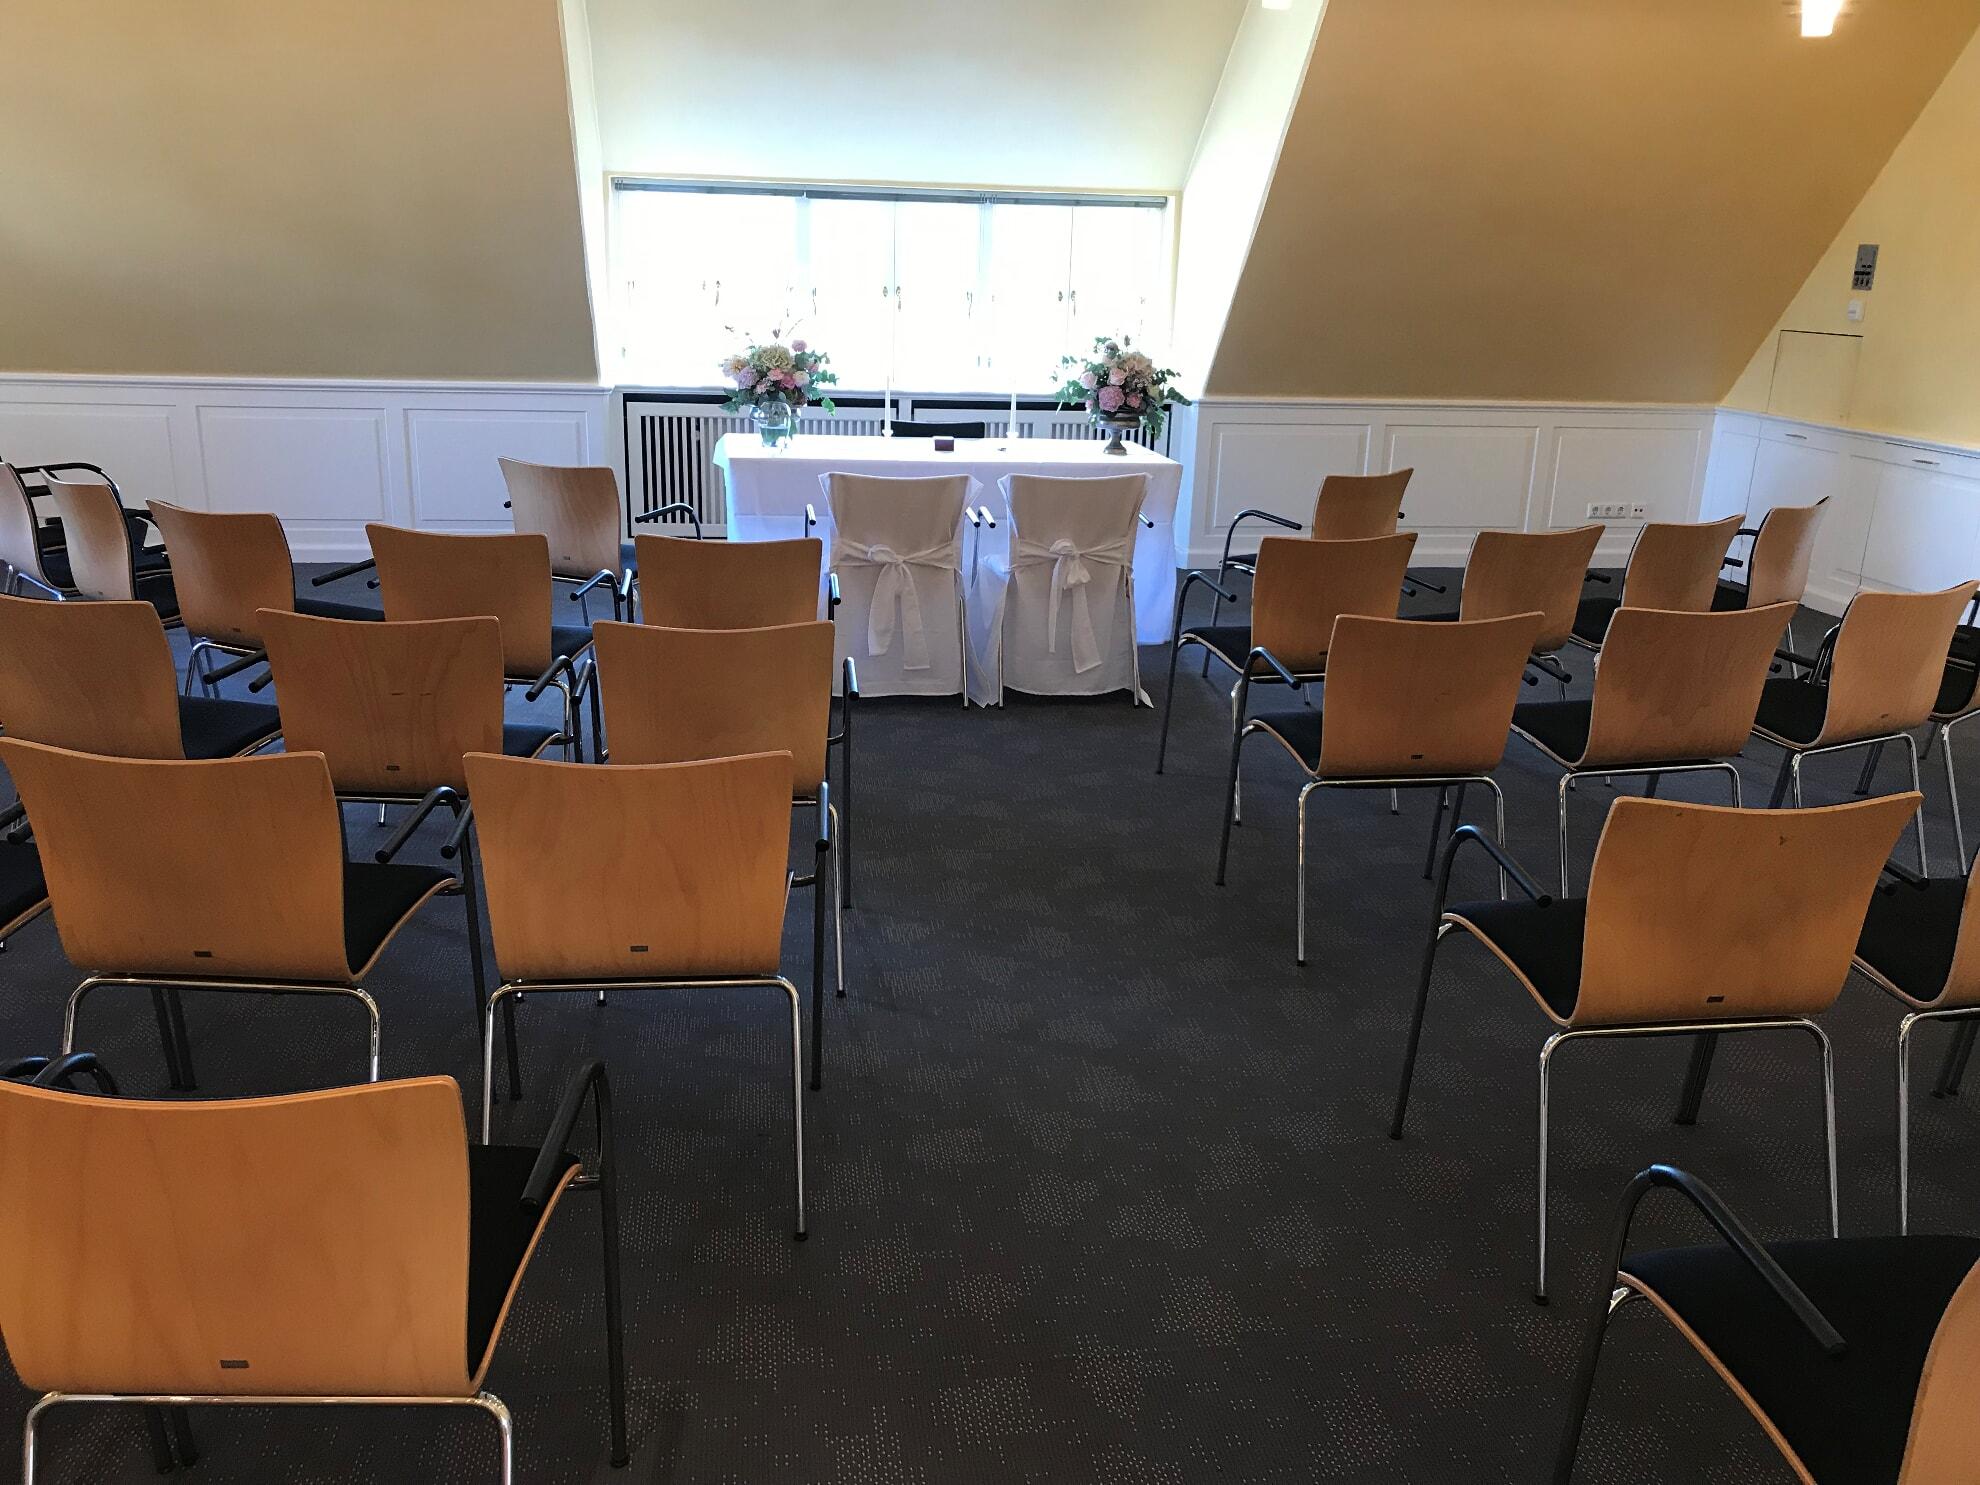 Veranstaltungsraum I   Trauzimmer im Kaamp-Hüs